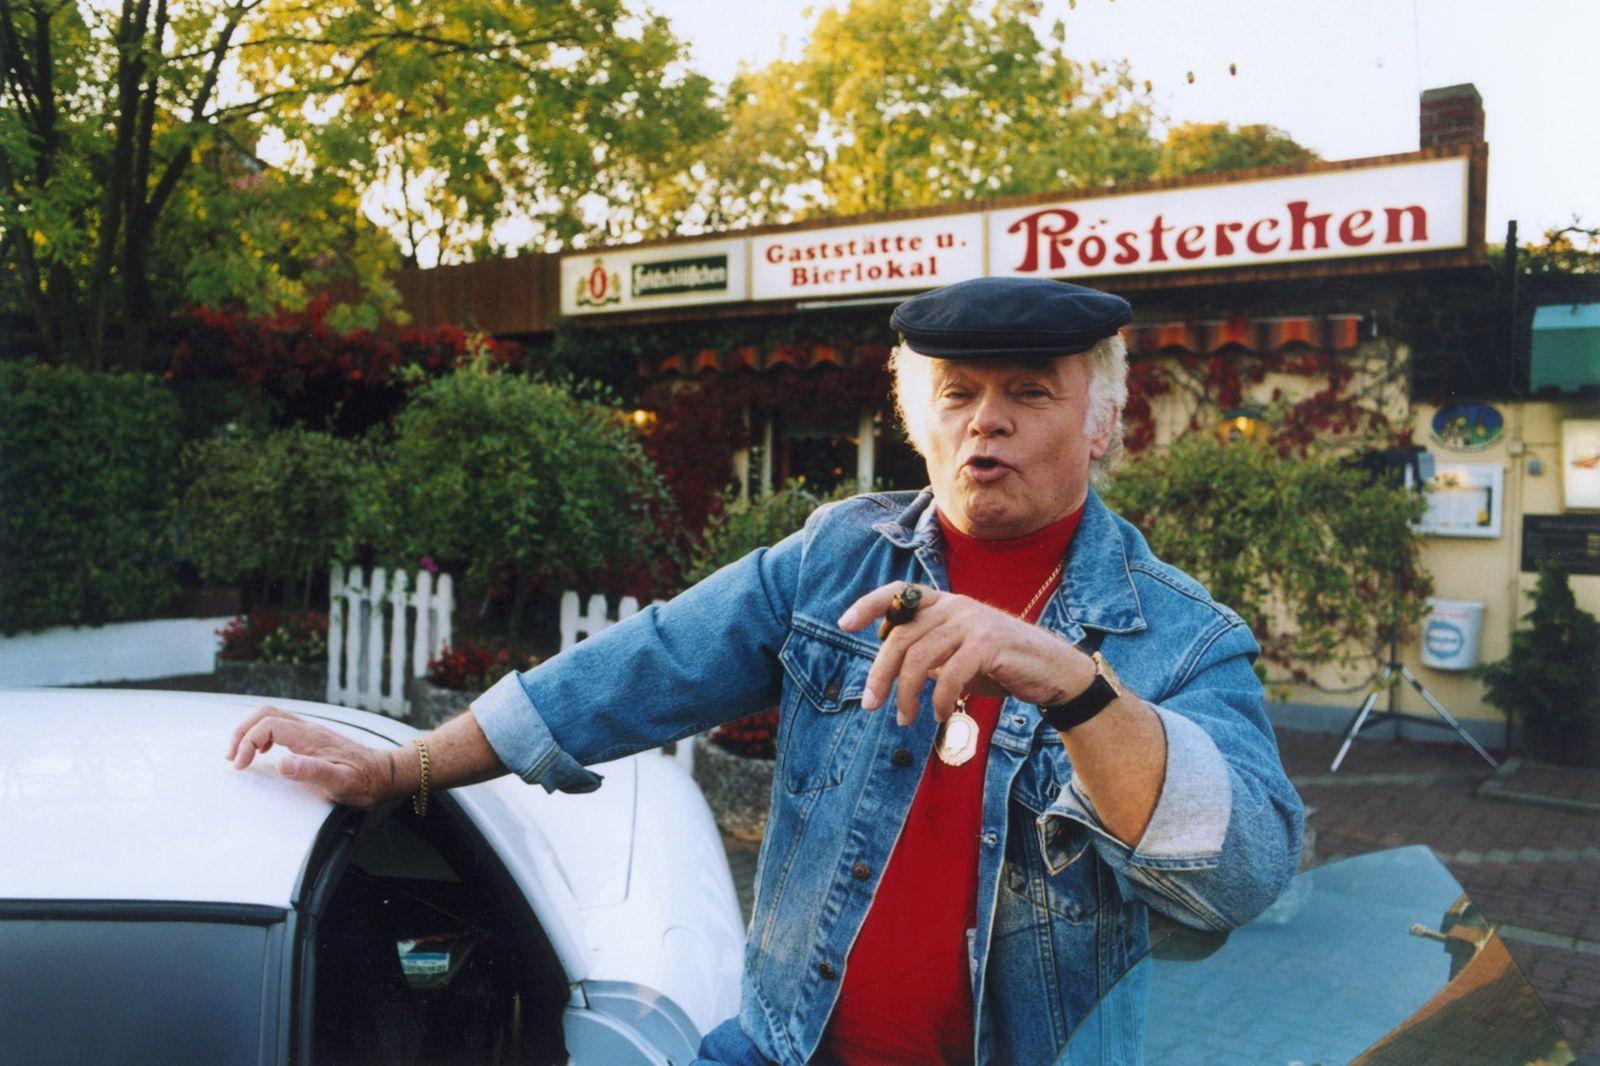 Humoristen des Nordens - Fips Asmussen - ein Humorist aus Niedersachsen